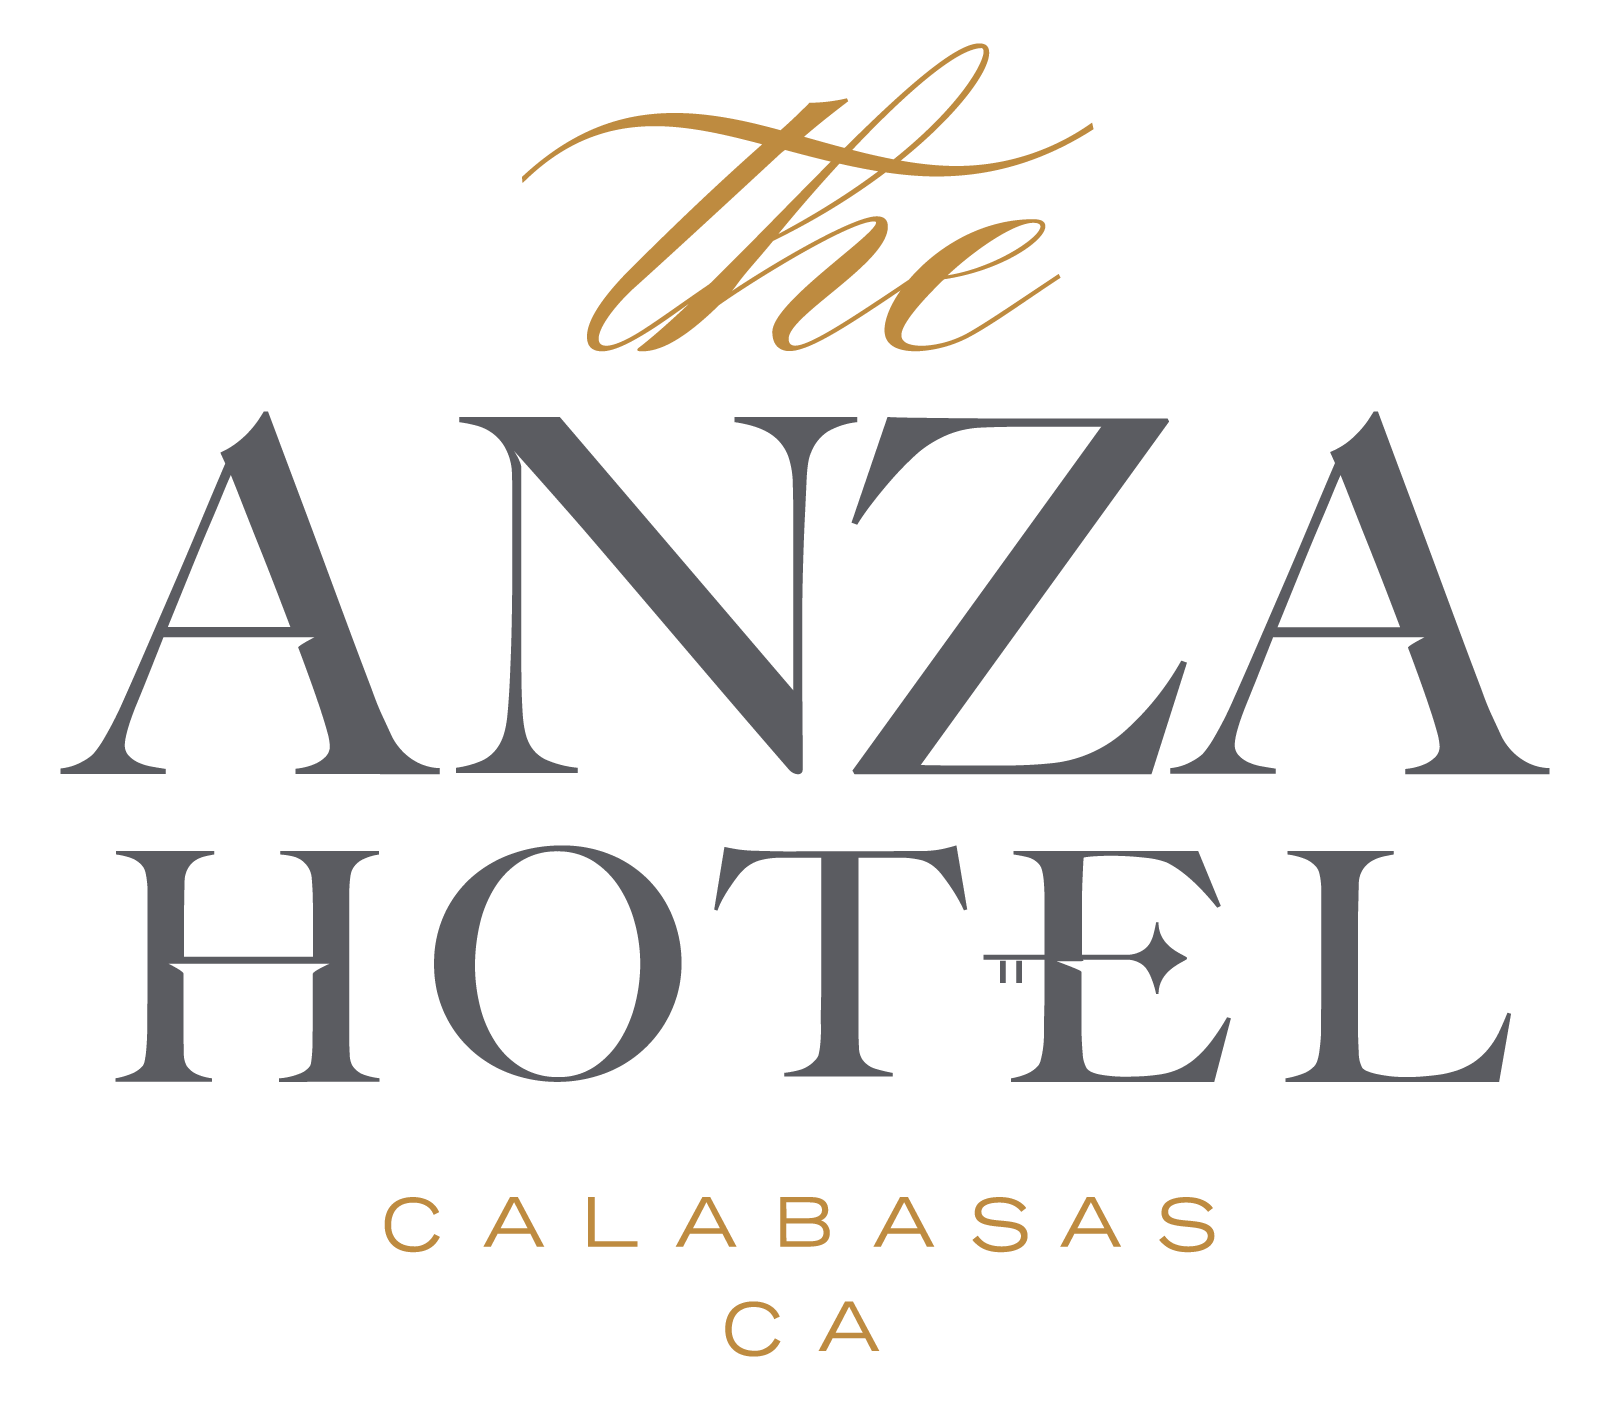 Logo for The Anza, a Calabasas Hotel